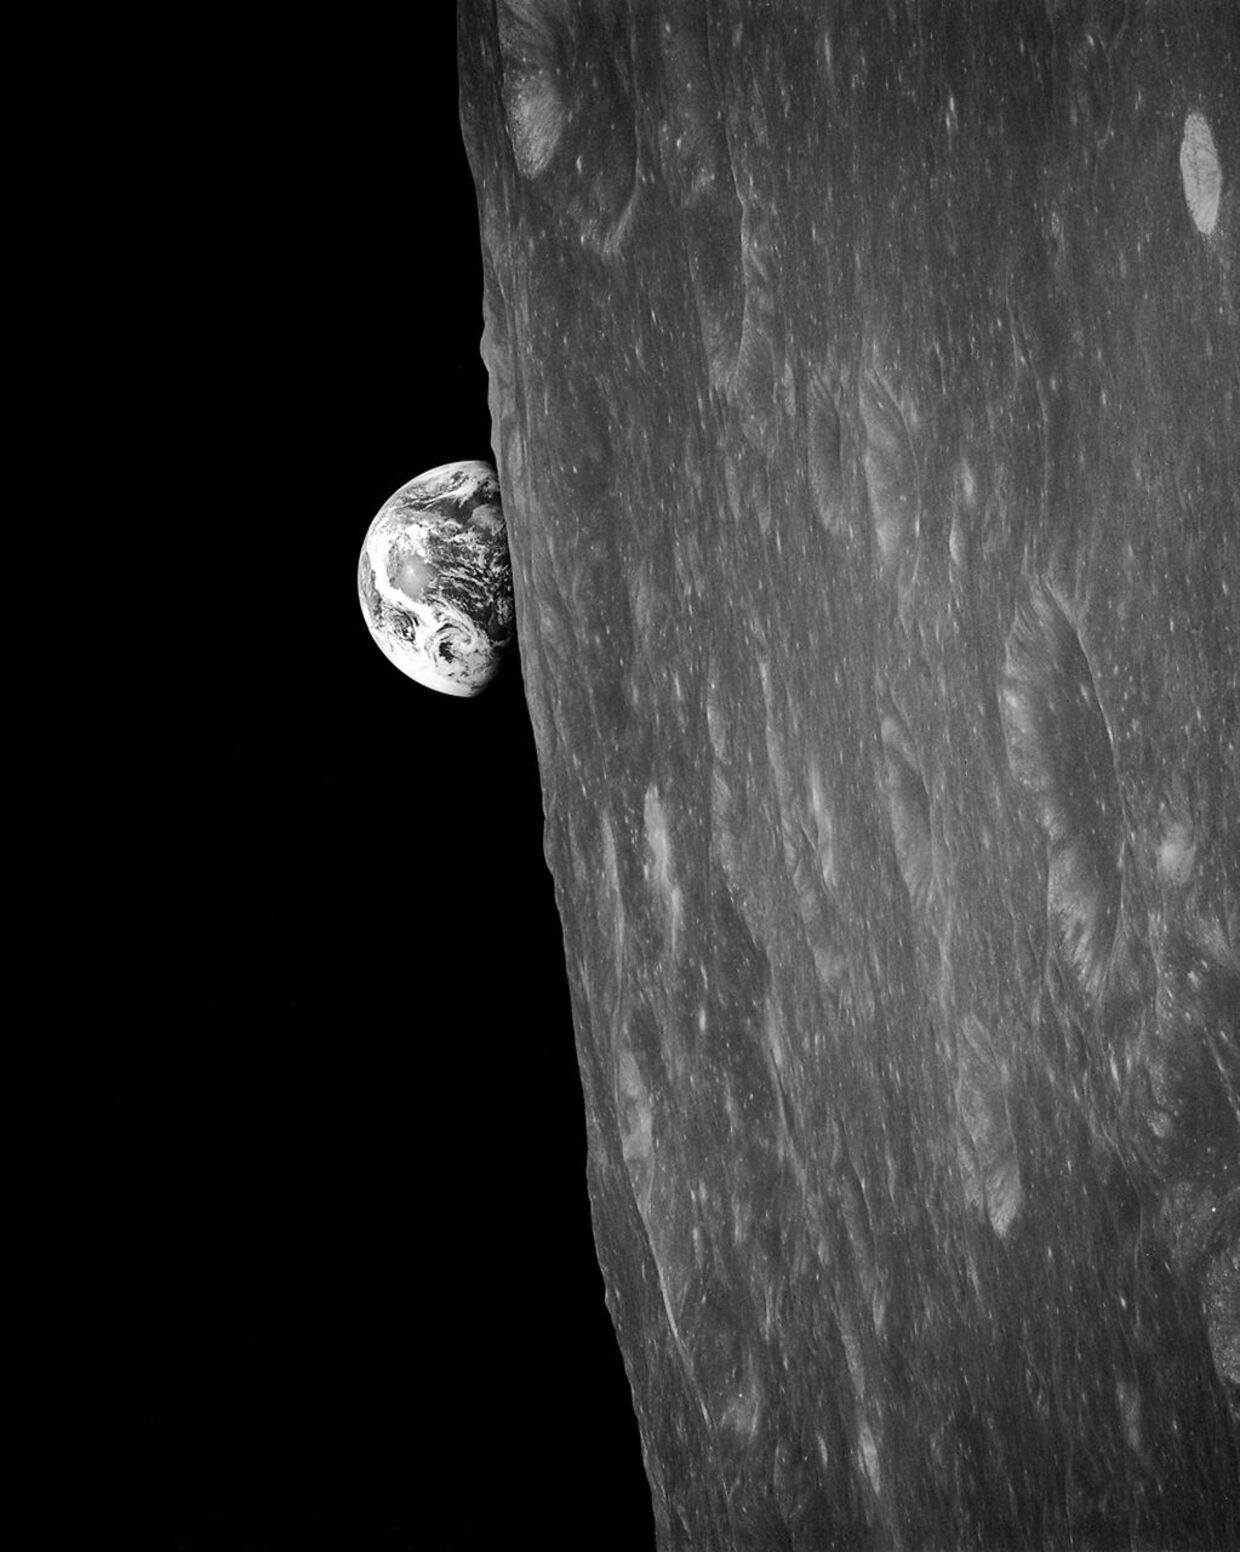 Jorden står op over Månen. Det legendariske billede blev taget af astronauter om bord på Apollo 8-missionen den 24. december 1968. Det er det første billede nogensinde af Jorden taget af et menneske i kredsløb om Månen. Foto: (NASA)